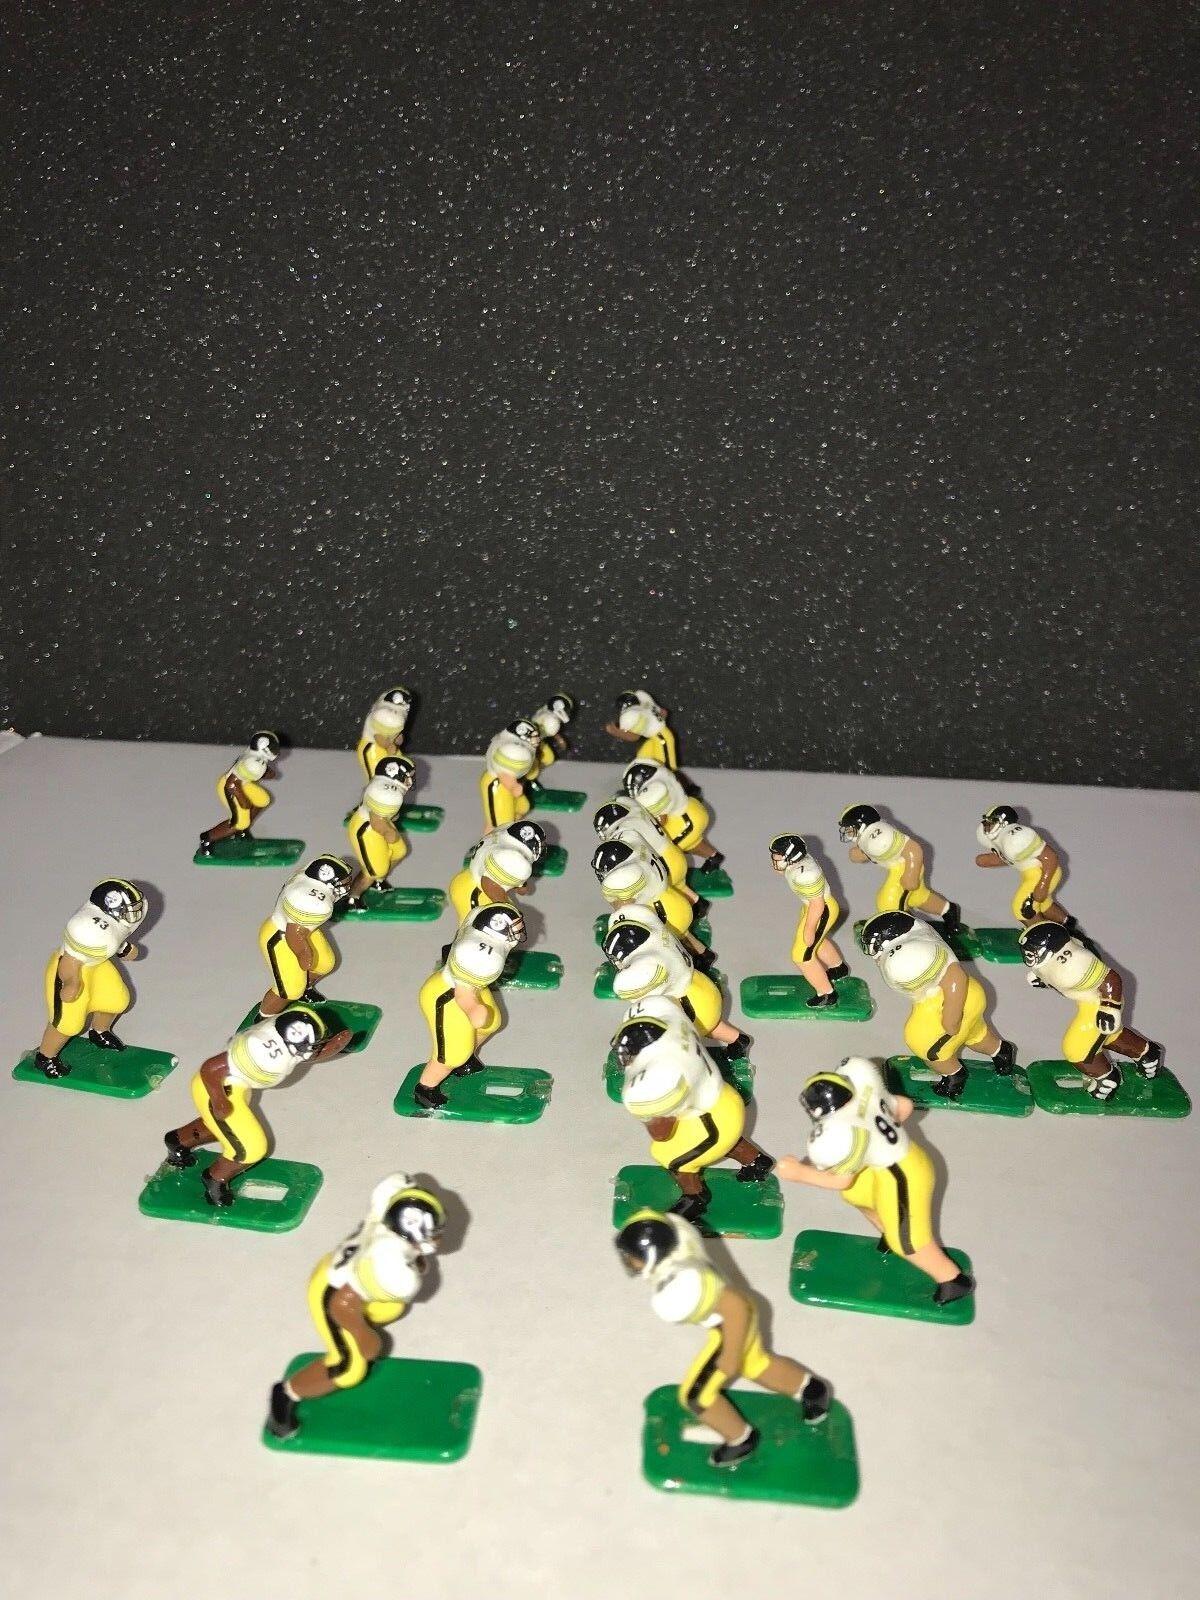 Tudor Eléctrico Juego De Fútbol NFL Personalizado bases de Pittsburgh Steelers 24 jugadores +